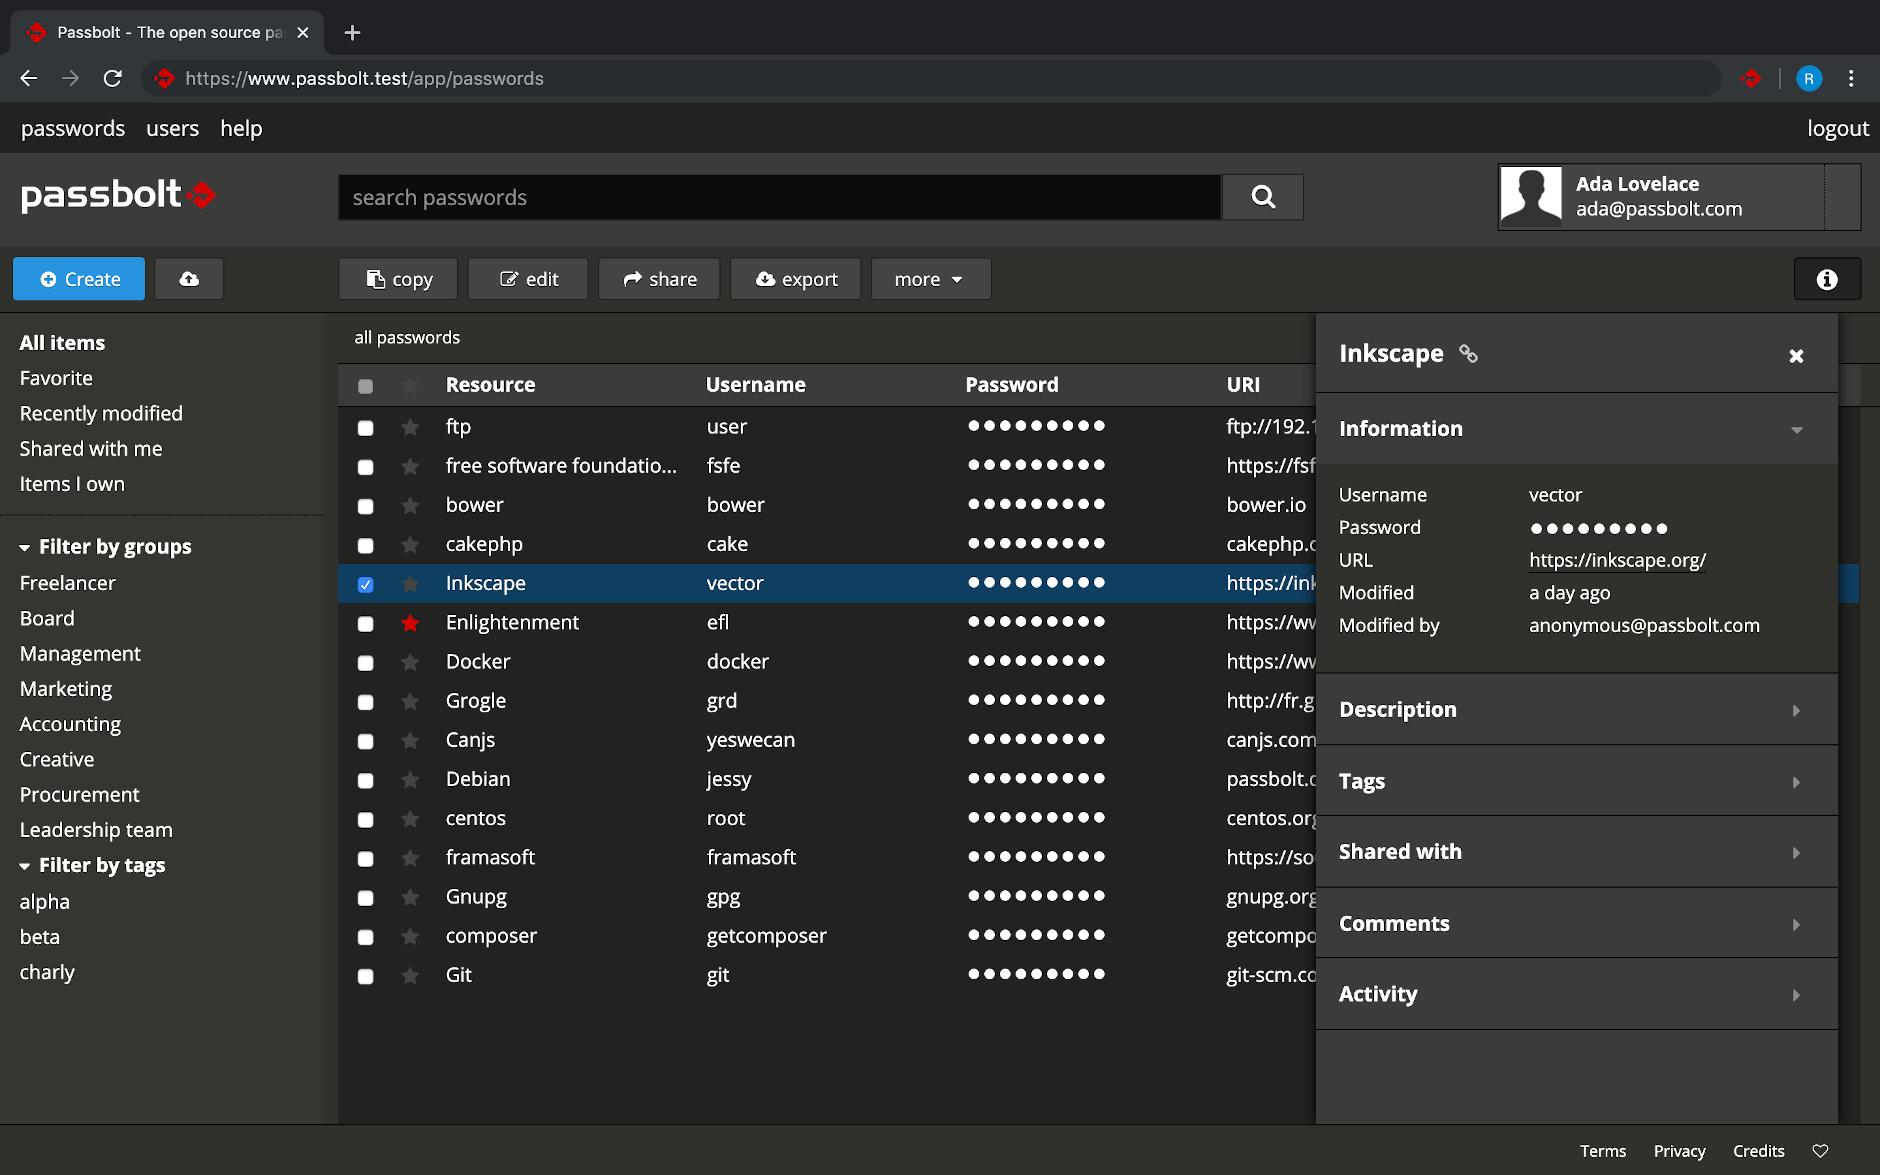 GitHub - passbolt/passbolt_browser_extension: Passbolt browser